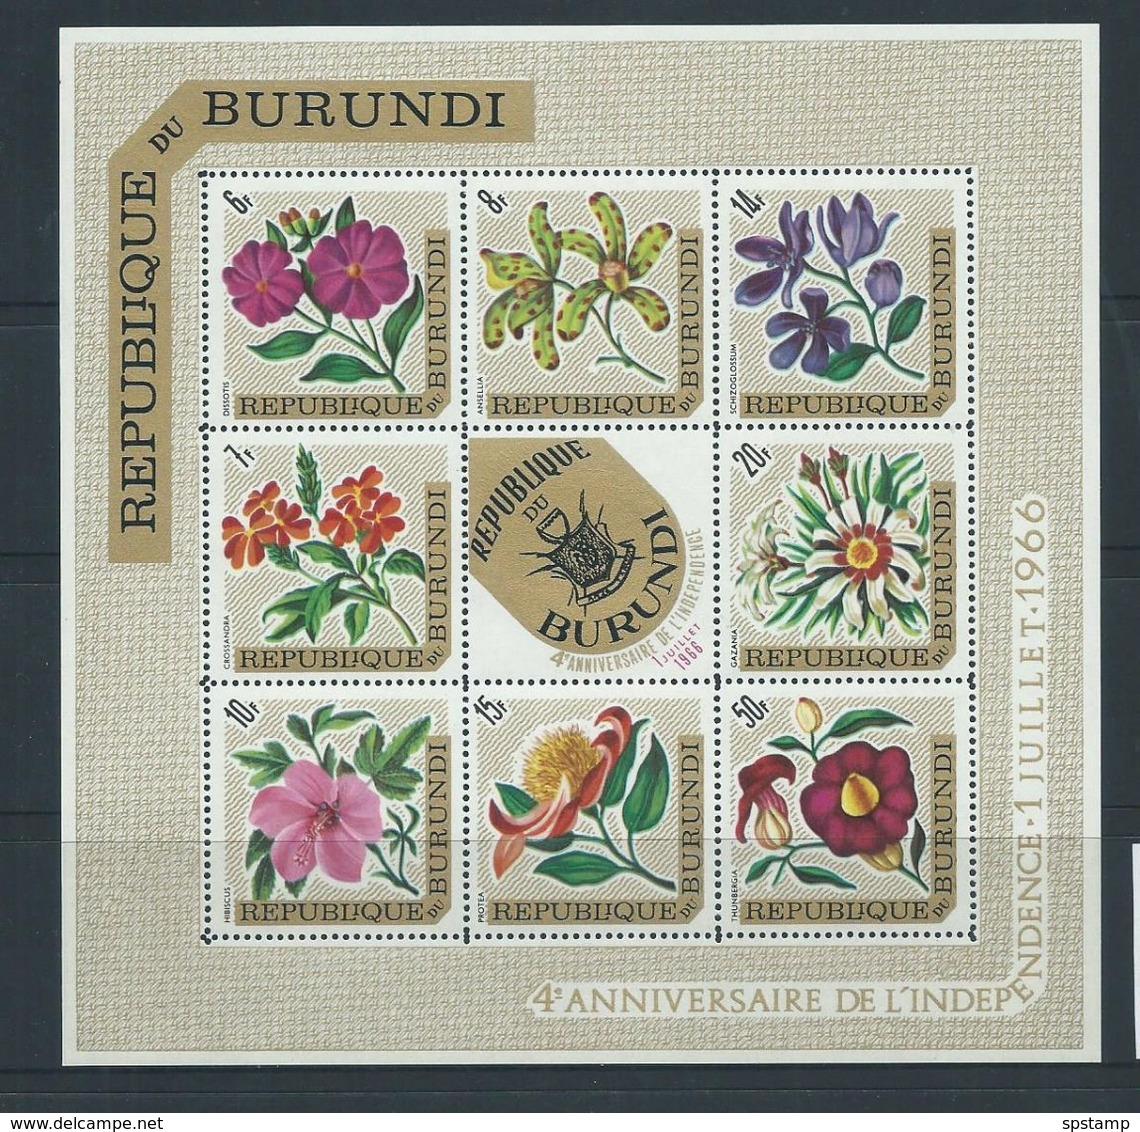 Burundi 1966 Republic Overprints On Flower Airs Sheet Of 8 , Coat Of Arms Centre Type MNH - Burundi